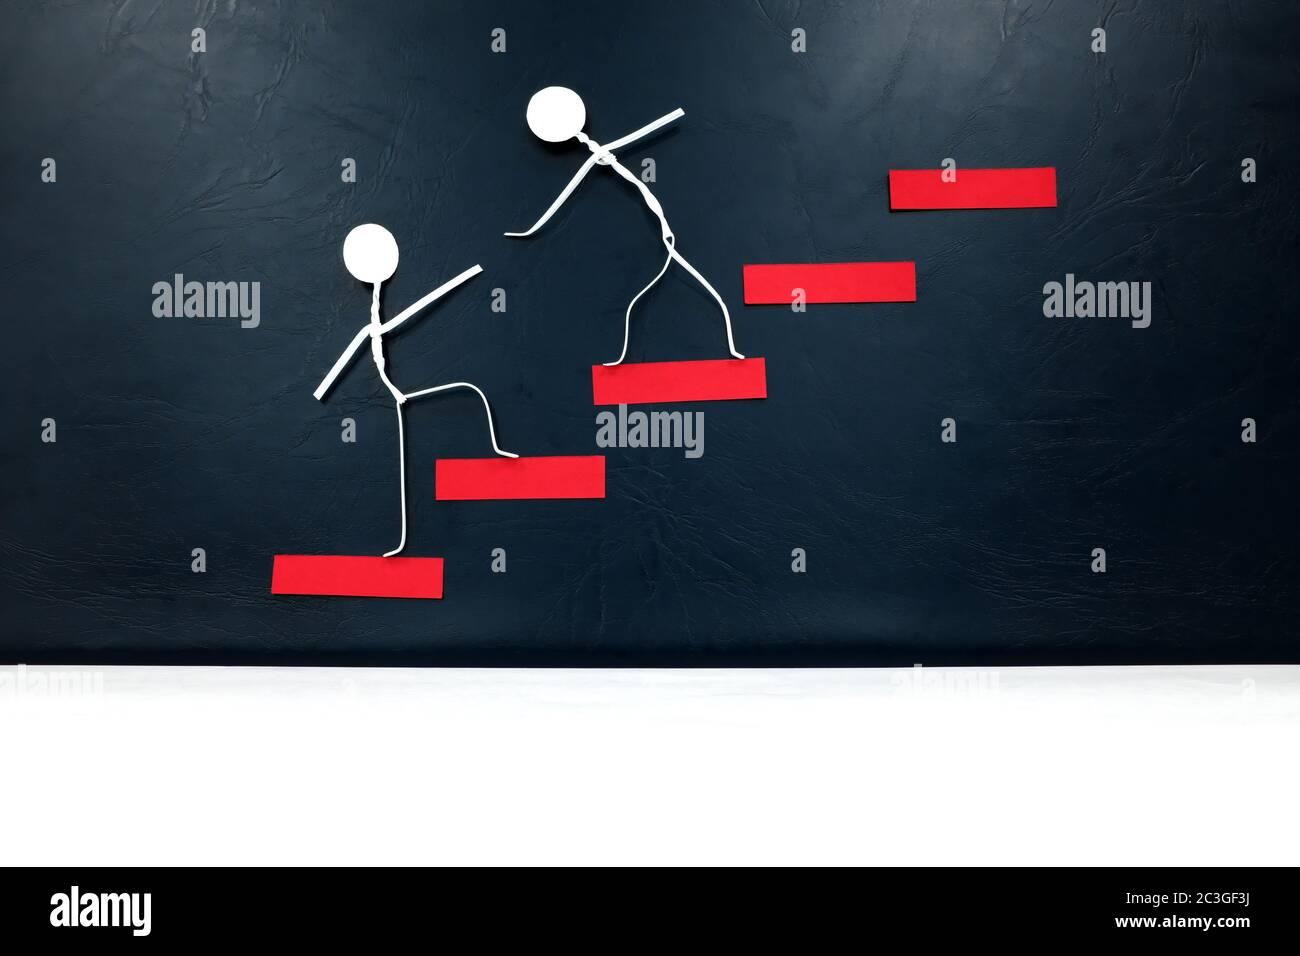 Helfende Hand, Unterstützung und Teamwork Konzept. Zwei menschliche Stockfiguren, die eine rote Leiter klettern. Stockfoto